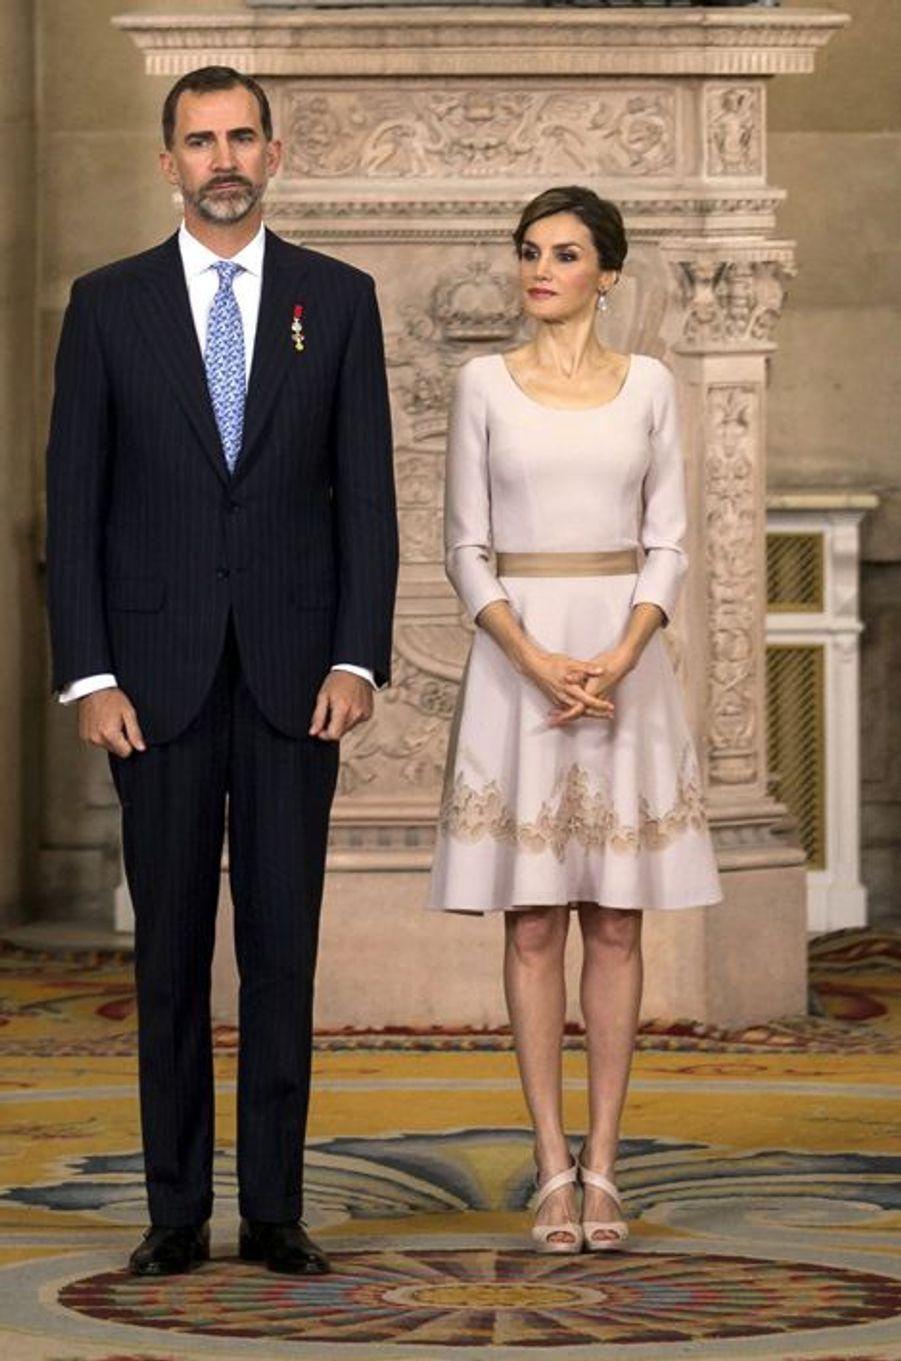 La reine Letizia et le roi Felipe VI d'Espagne au Palais royal de Madrid, le 19 juin 2015